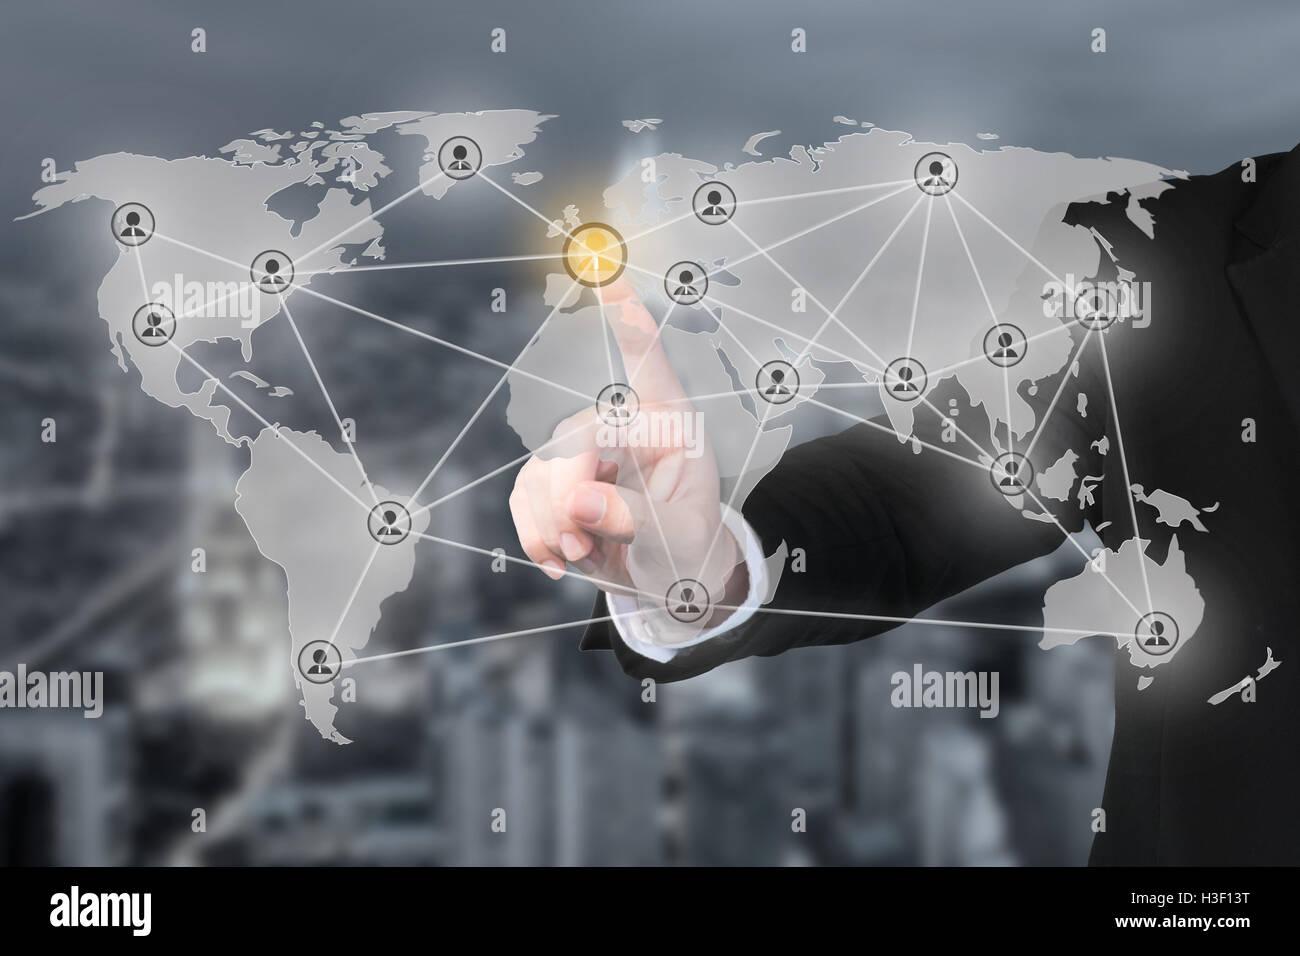 Imprenditore moderno di pressatura del partenariato sociale in rete i pulsanti di collegamento su sfondo virtuale. Immagini Stock